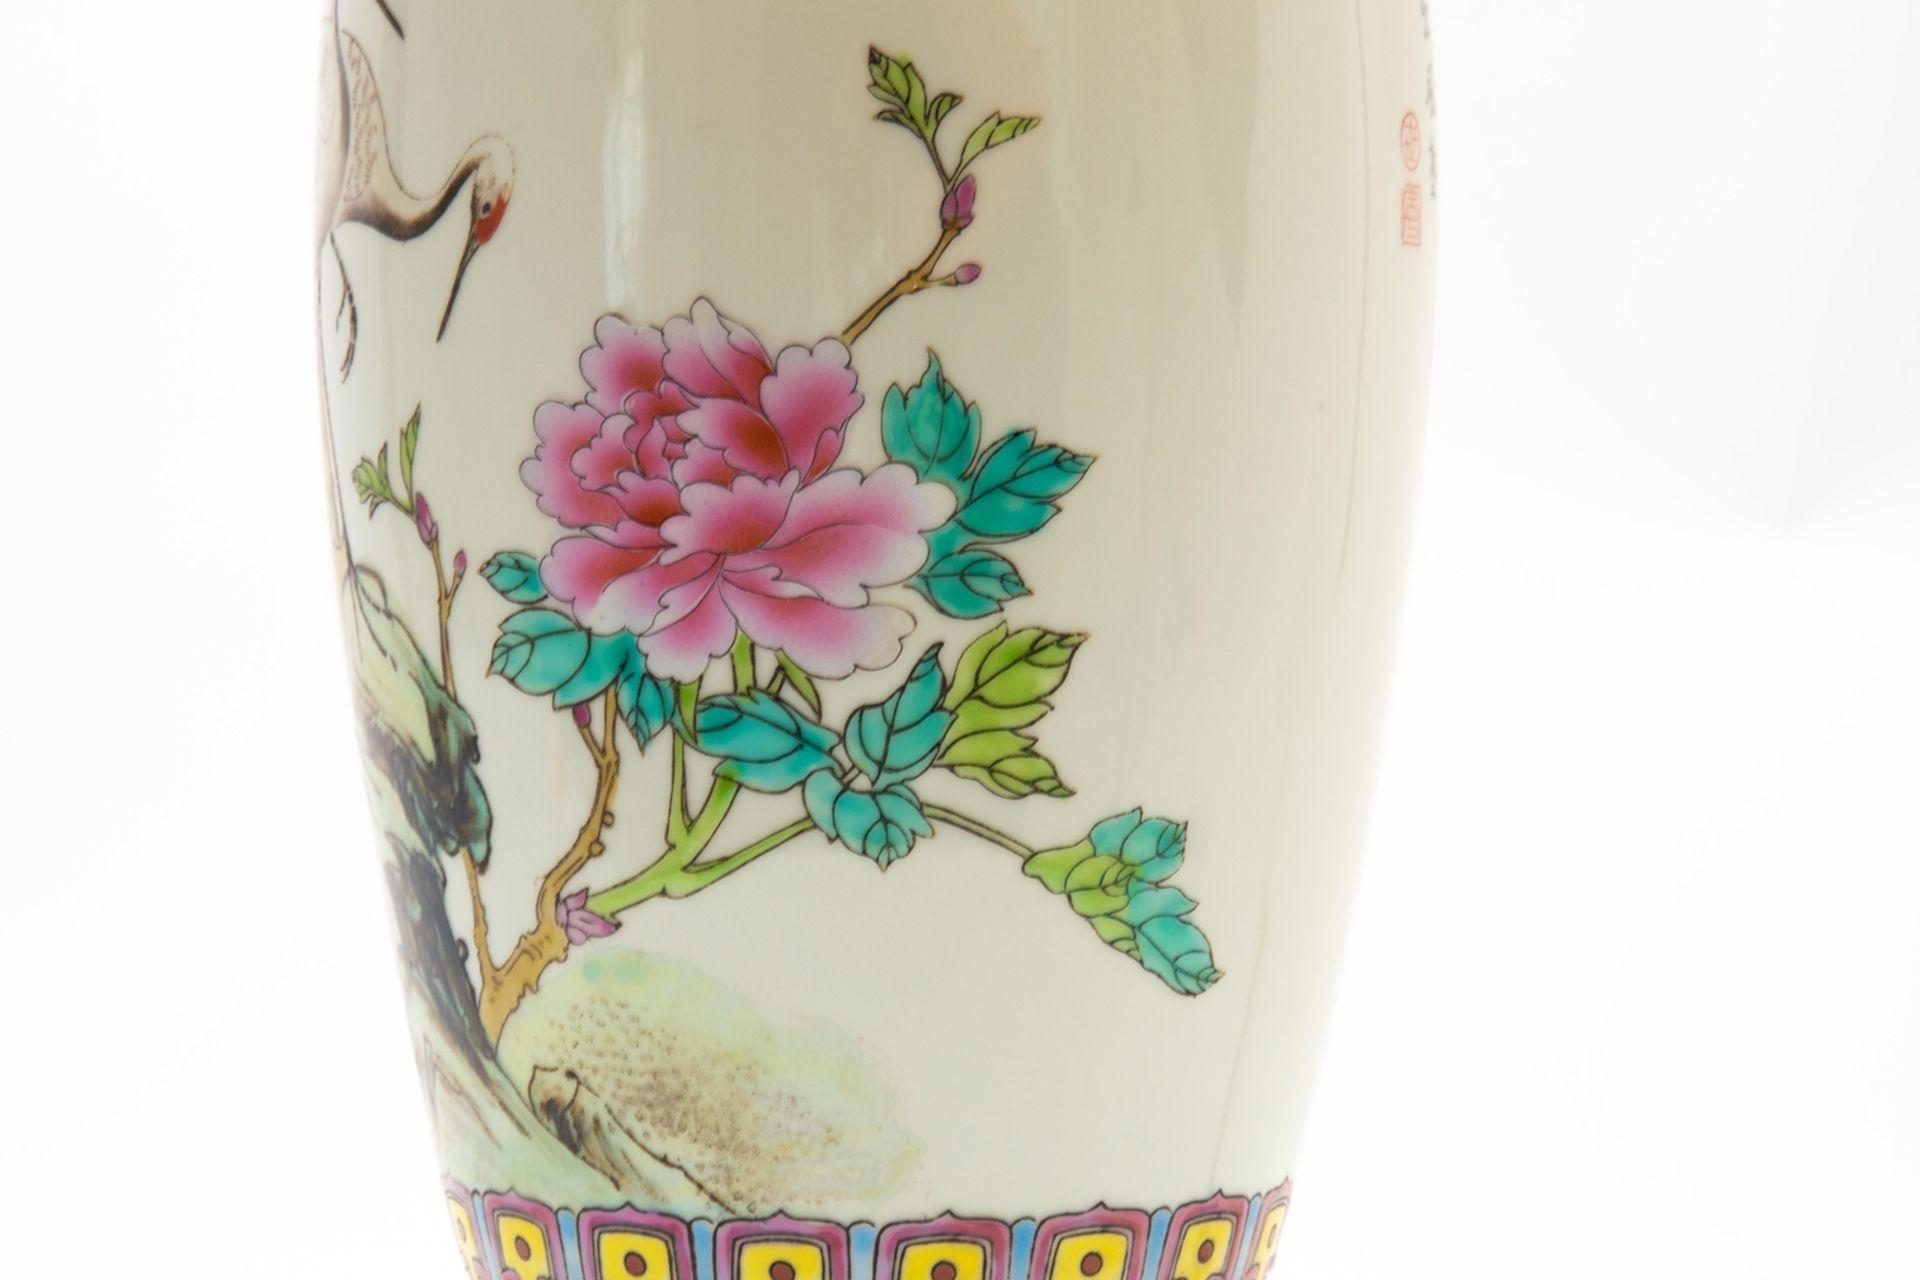 Porzellan-Lampe/Vase - Image 4 of 7